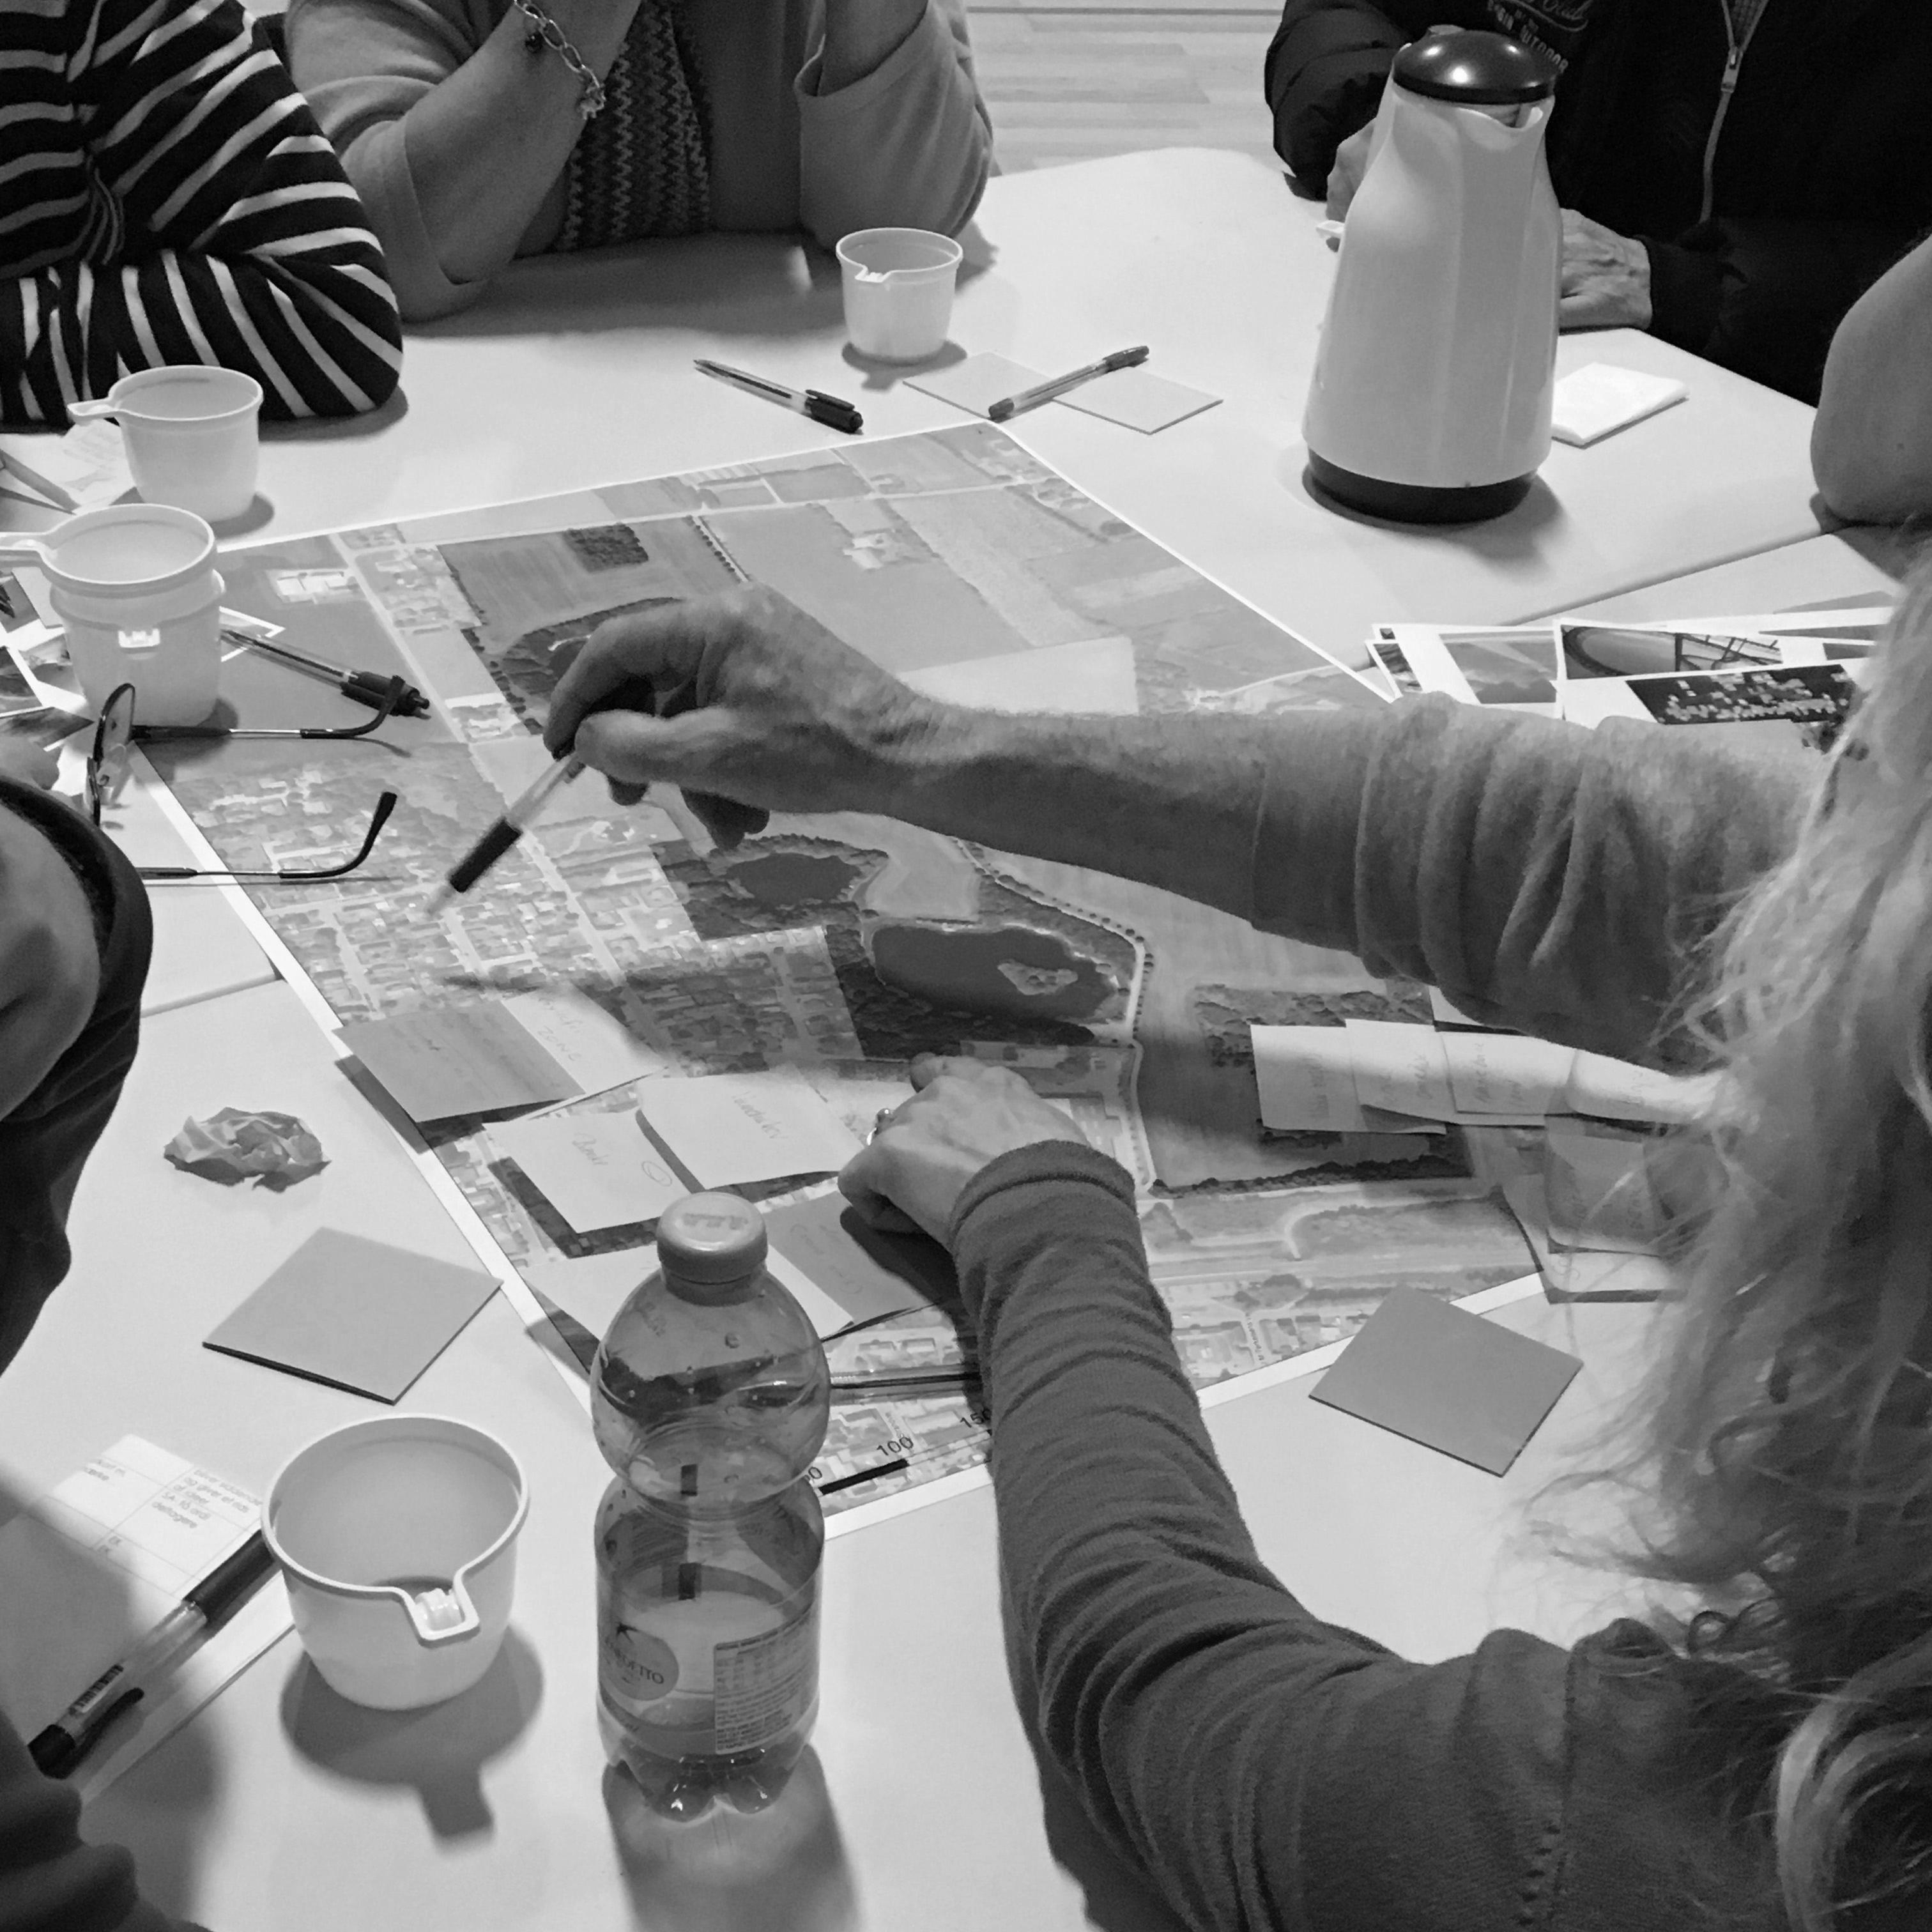 rundbordssnak_1 SH Tjæreborg workshop MOOS LANDSKABER